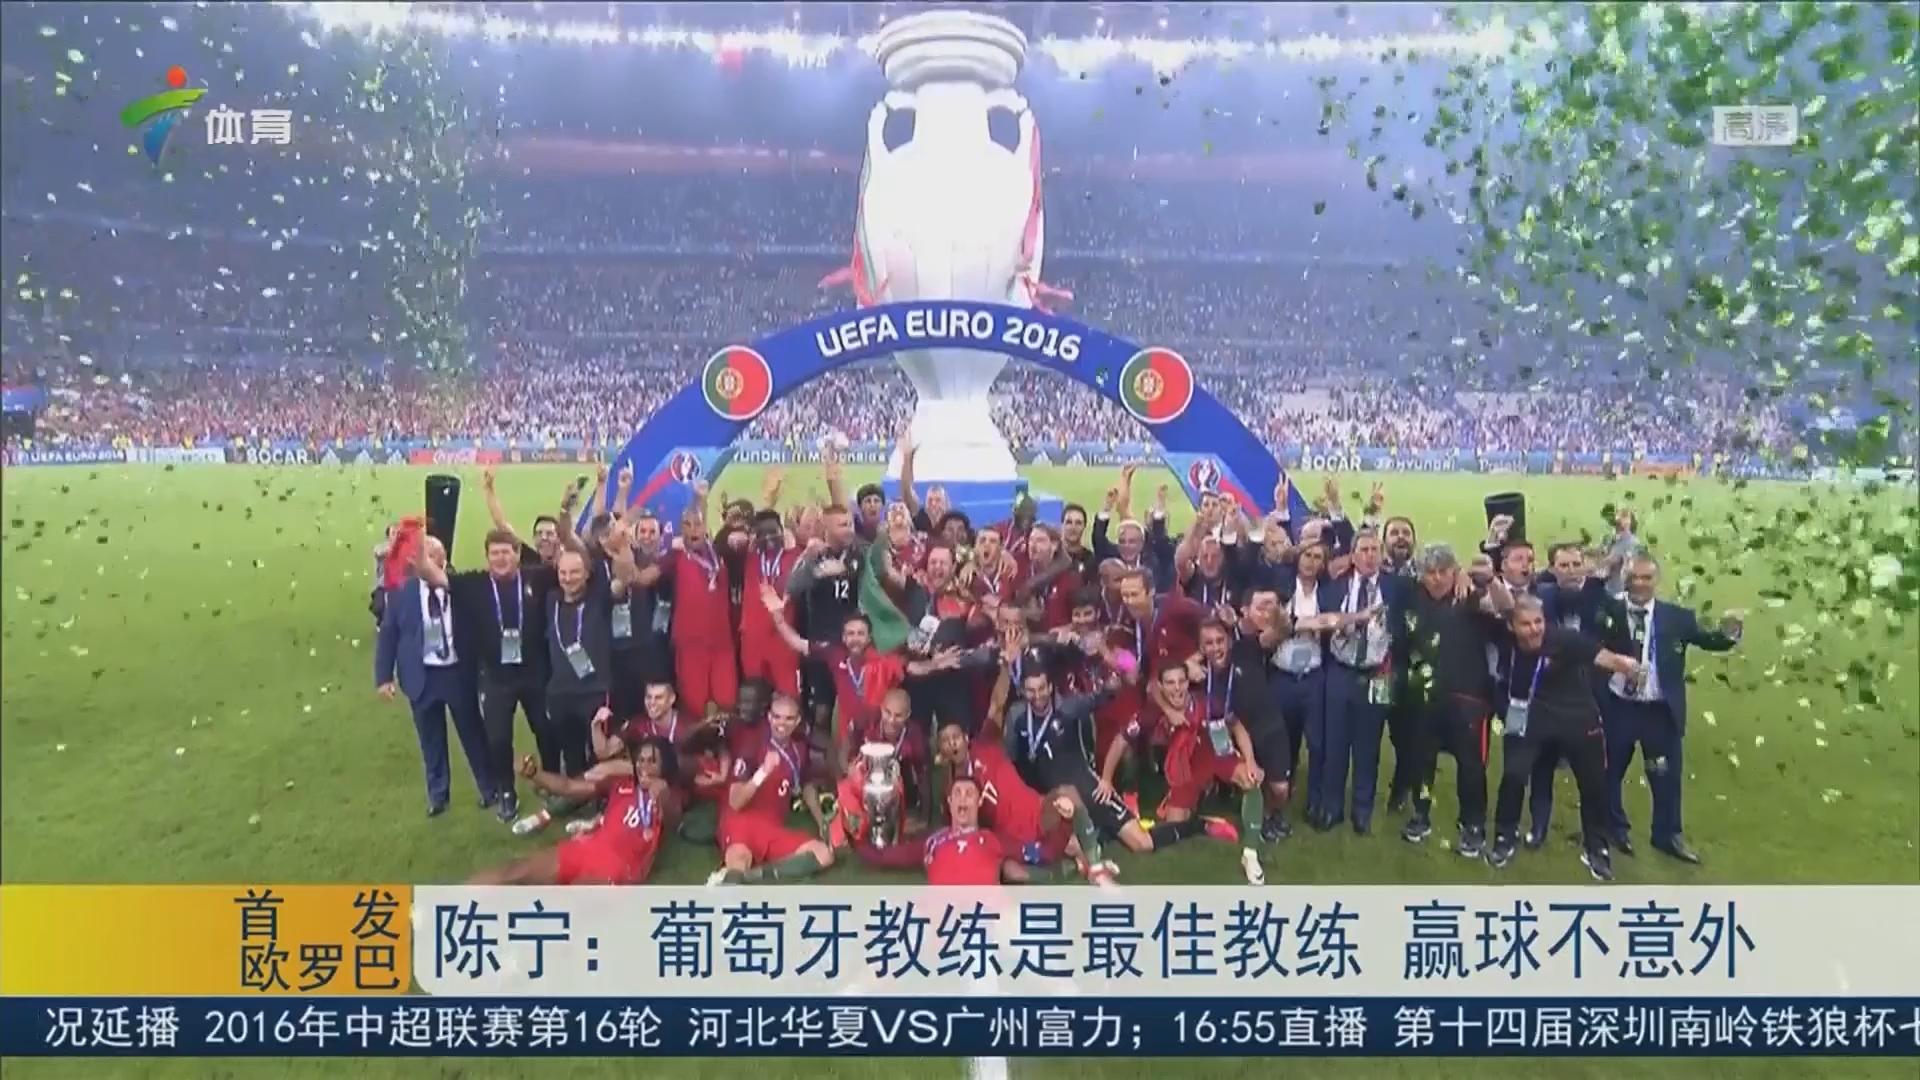 陈宁:葡萄牙教练是最佳教练 赢球不意外